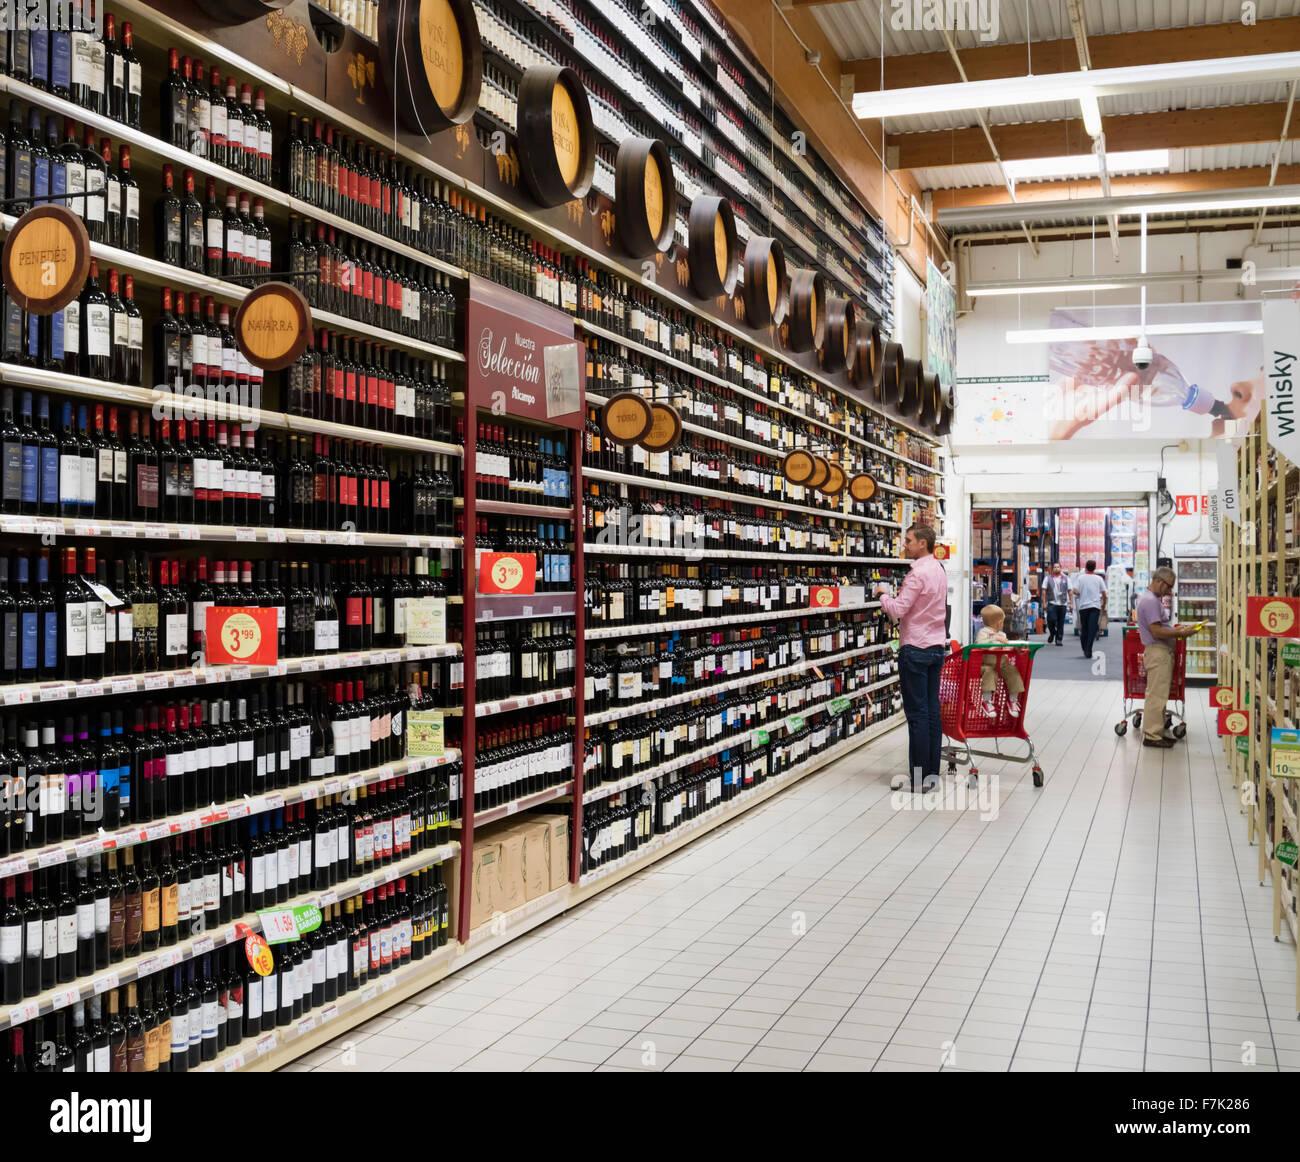 Wine selection at Al Campo supermarket at La Cañada shopping centre, Marbella, Costa del Sol, Malaga Province, - Stock Image